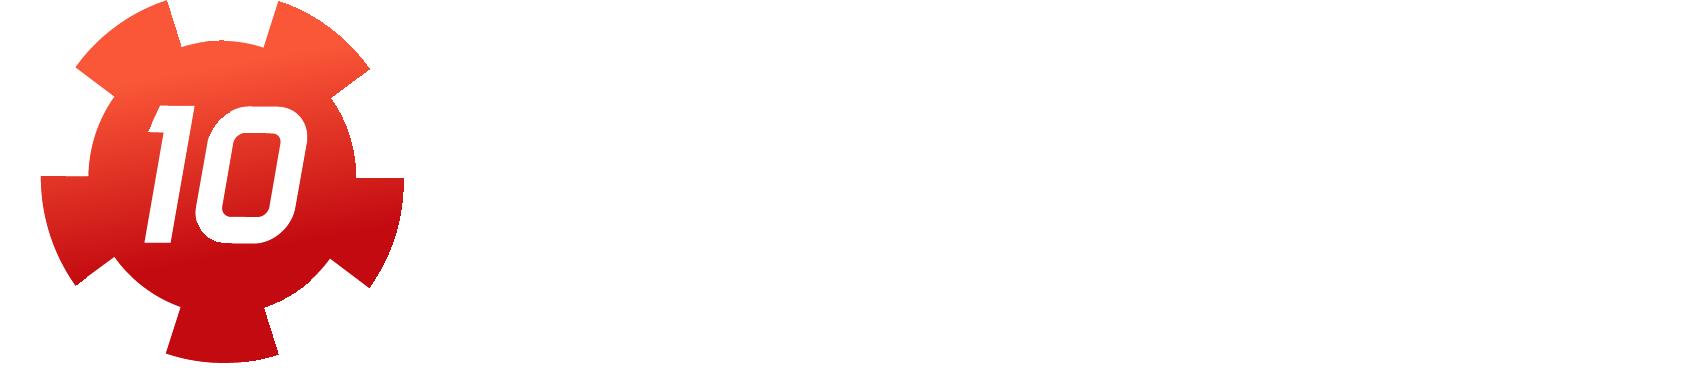 10 Machines